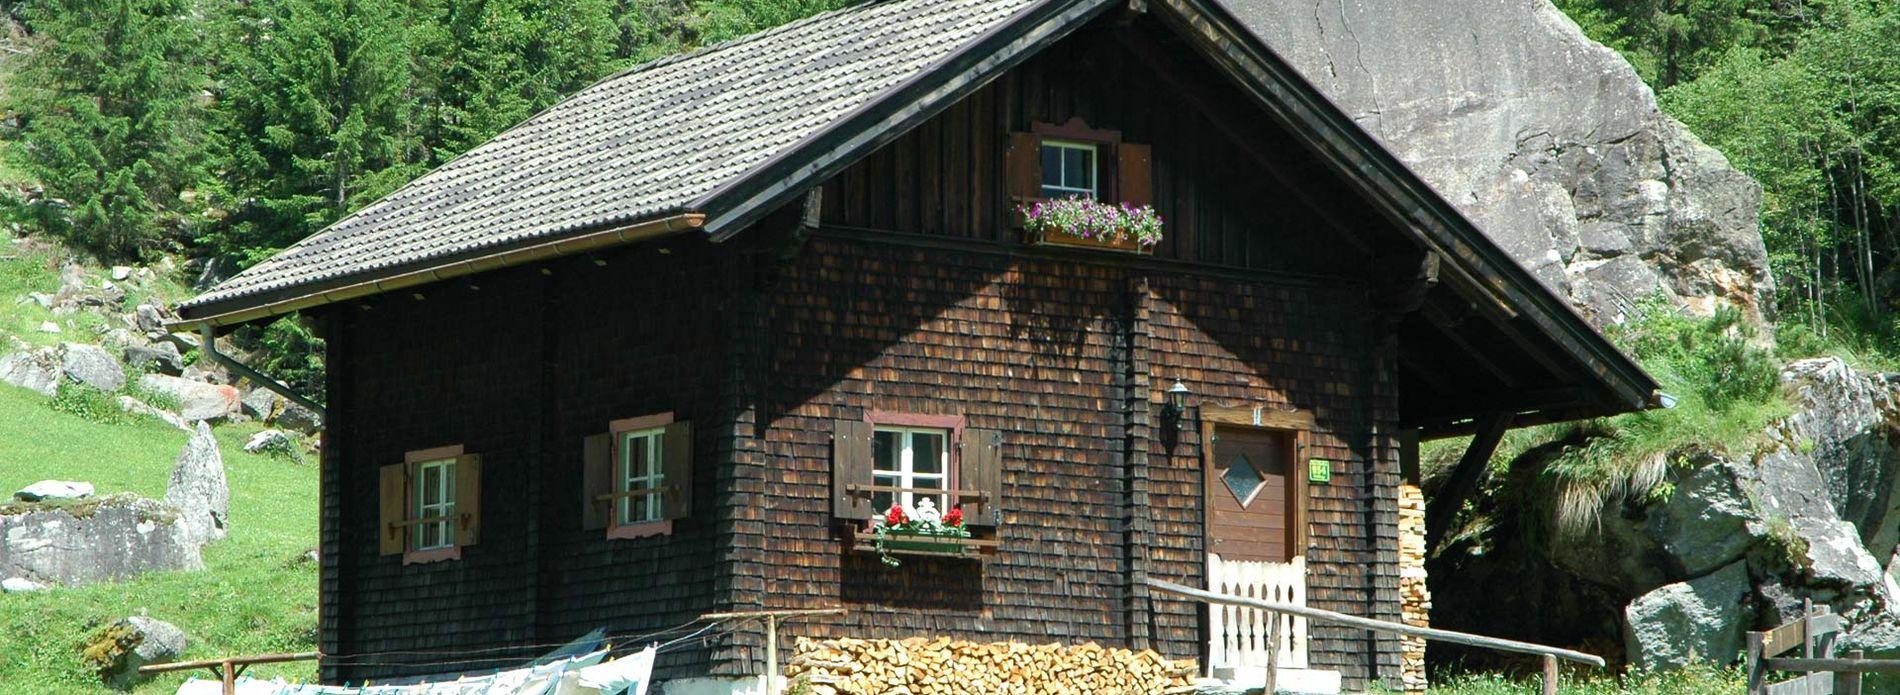 https://www.stillupperhaus.at/assets/images/2/stillupperhaus-haus-9c3a5dbb.jpg